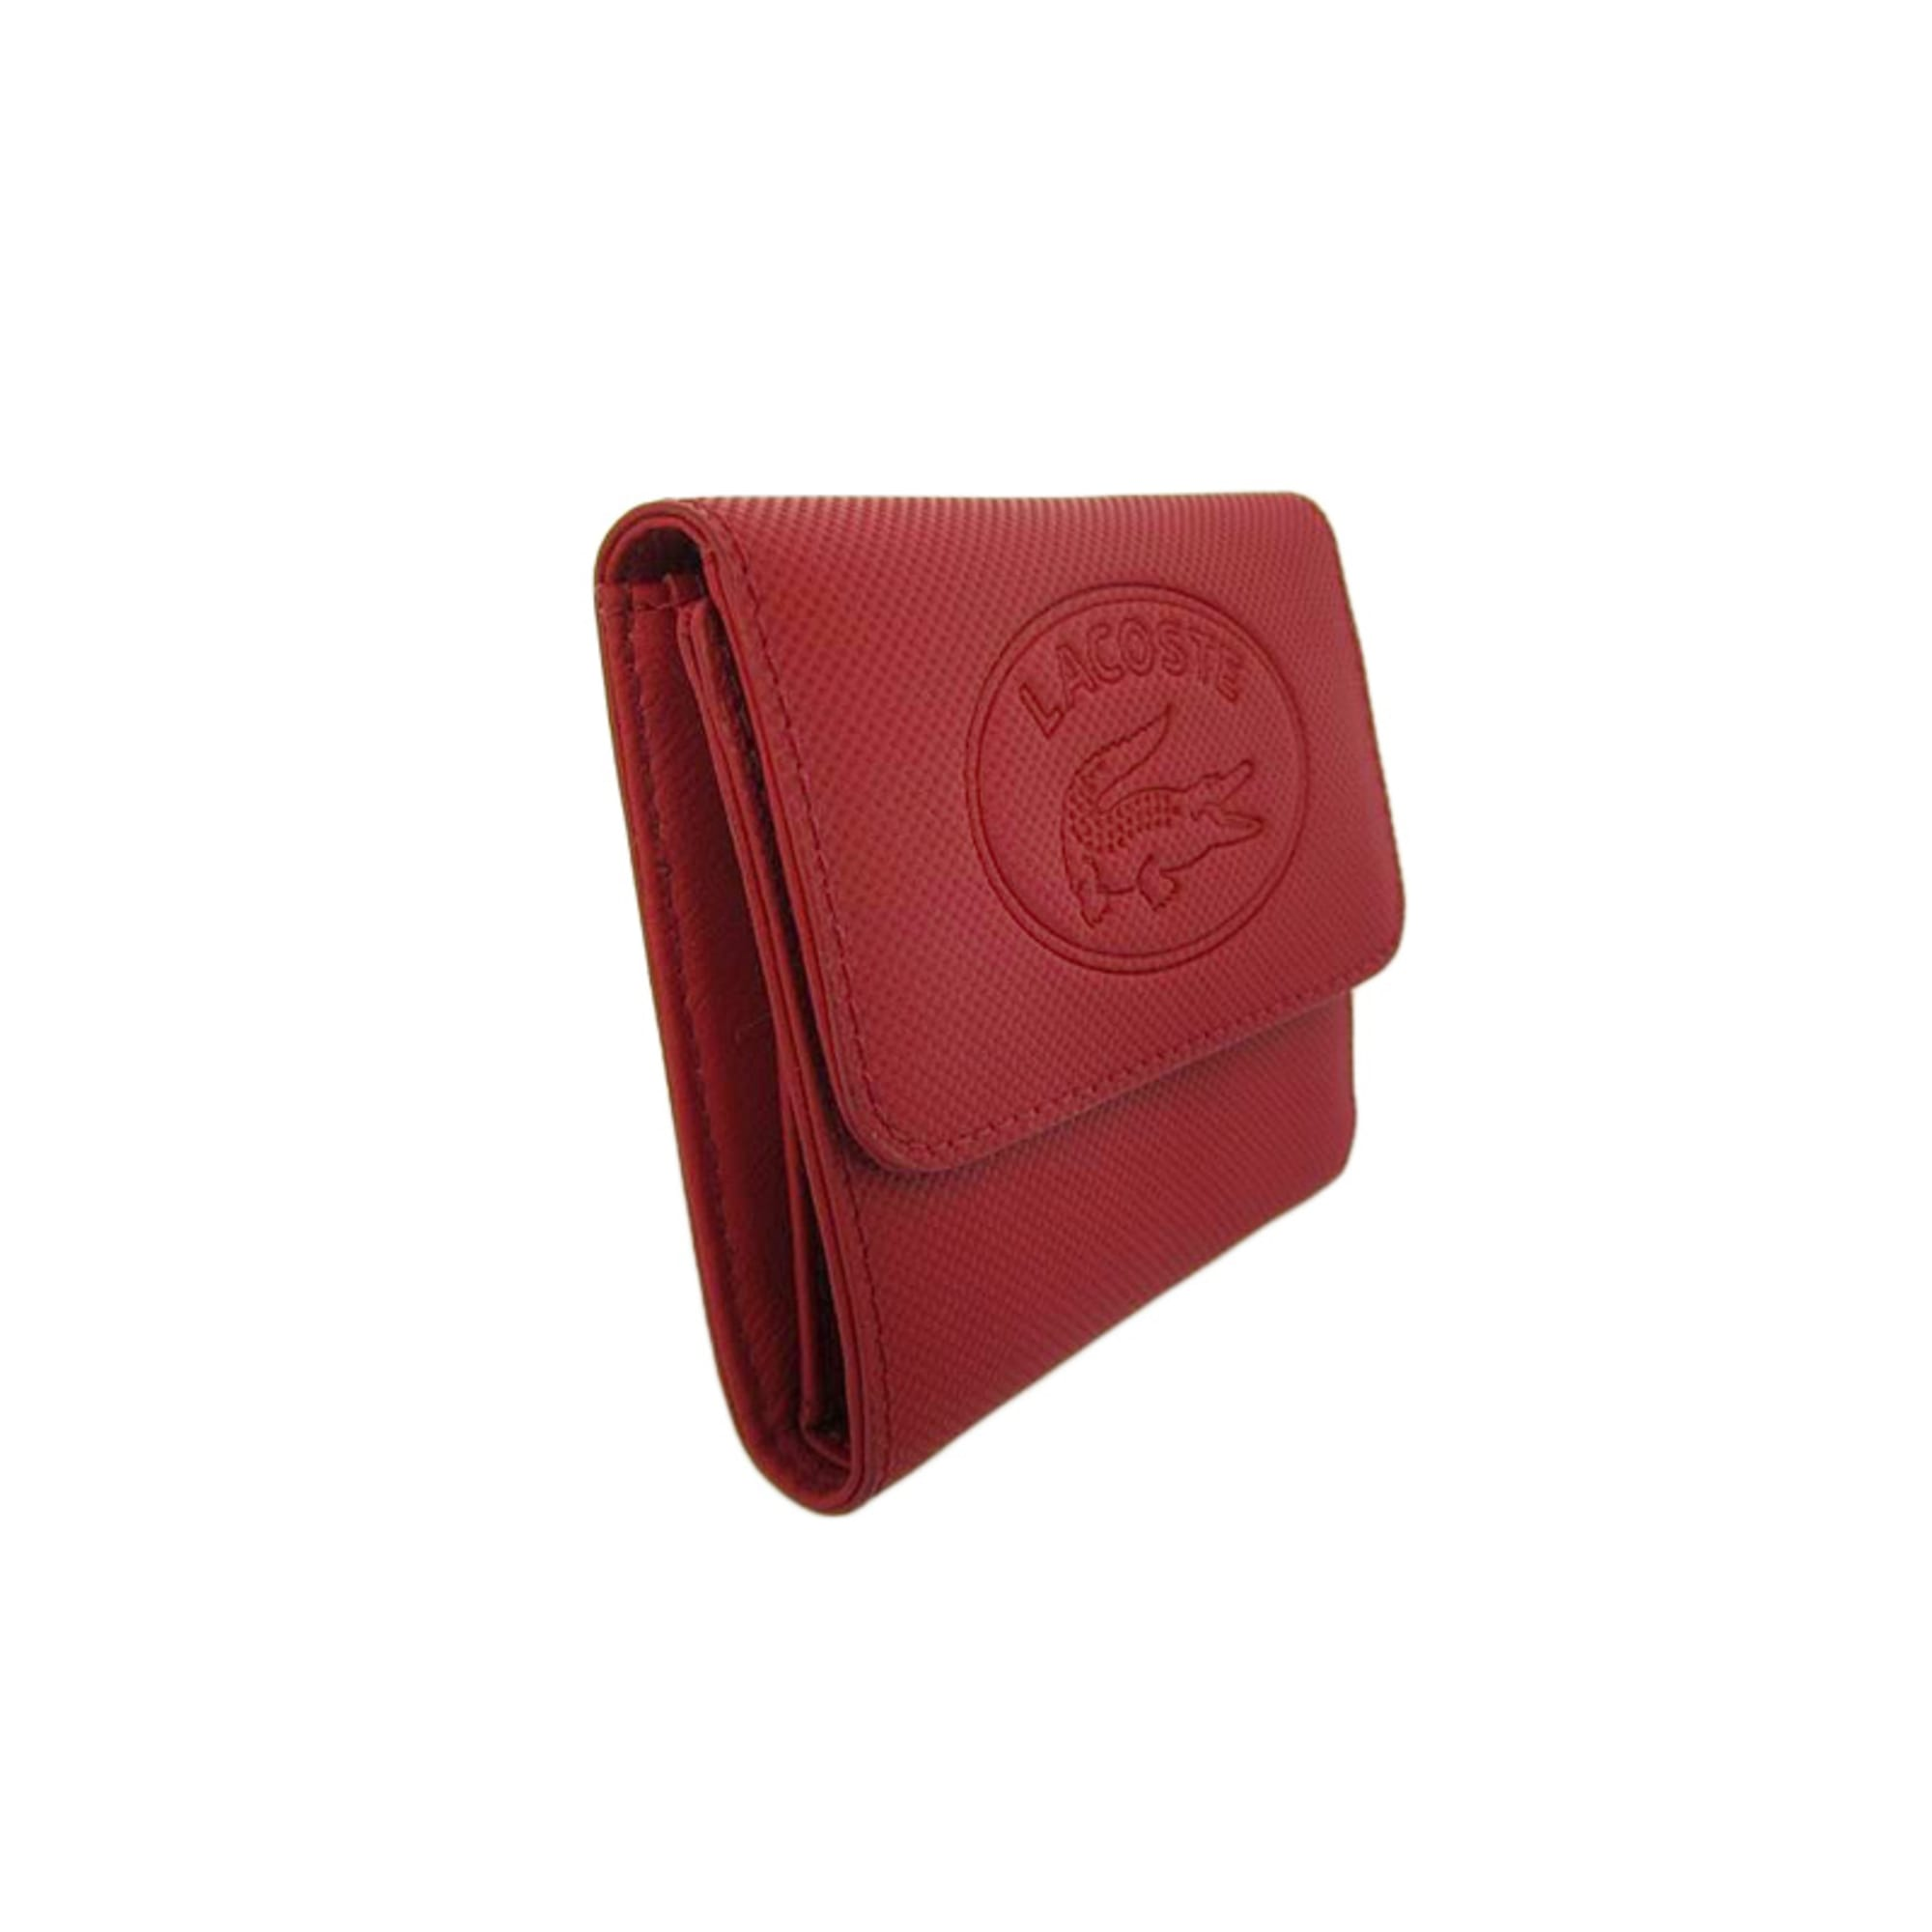 c421a709a8 Portefeuille LACOSTE rouge vendu par Thierry roger568232 - 2143849